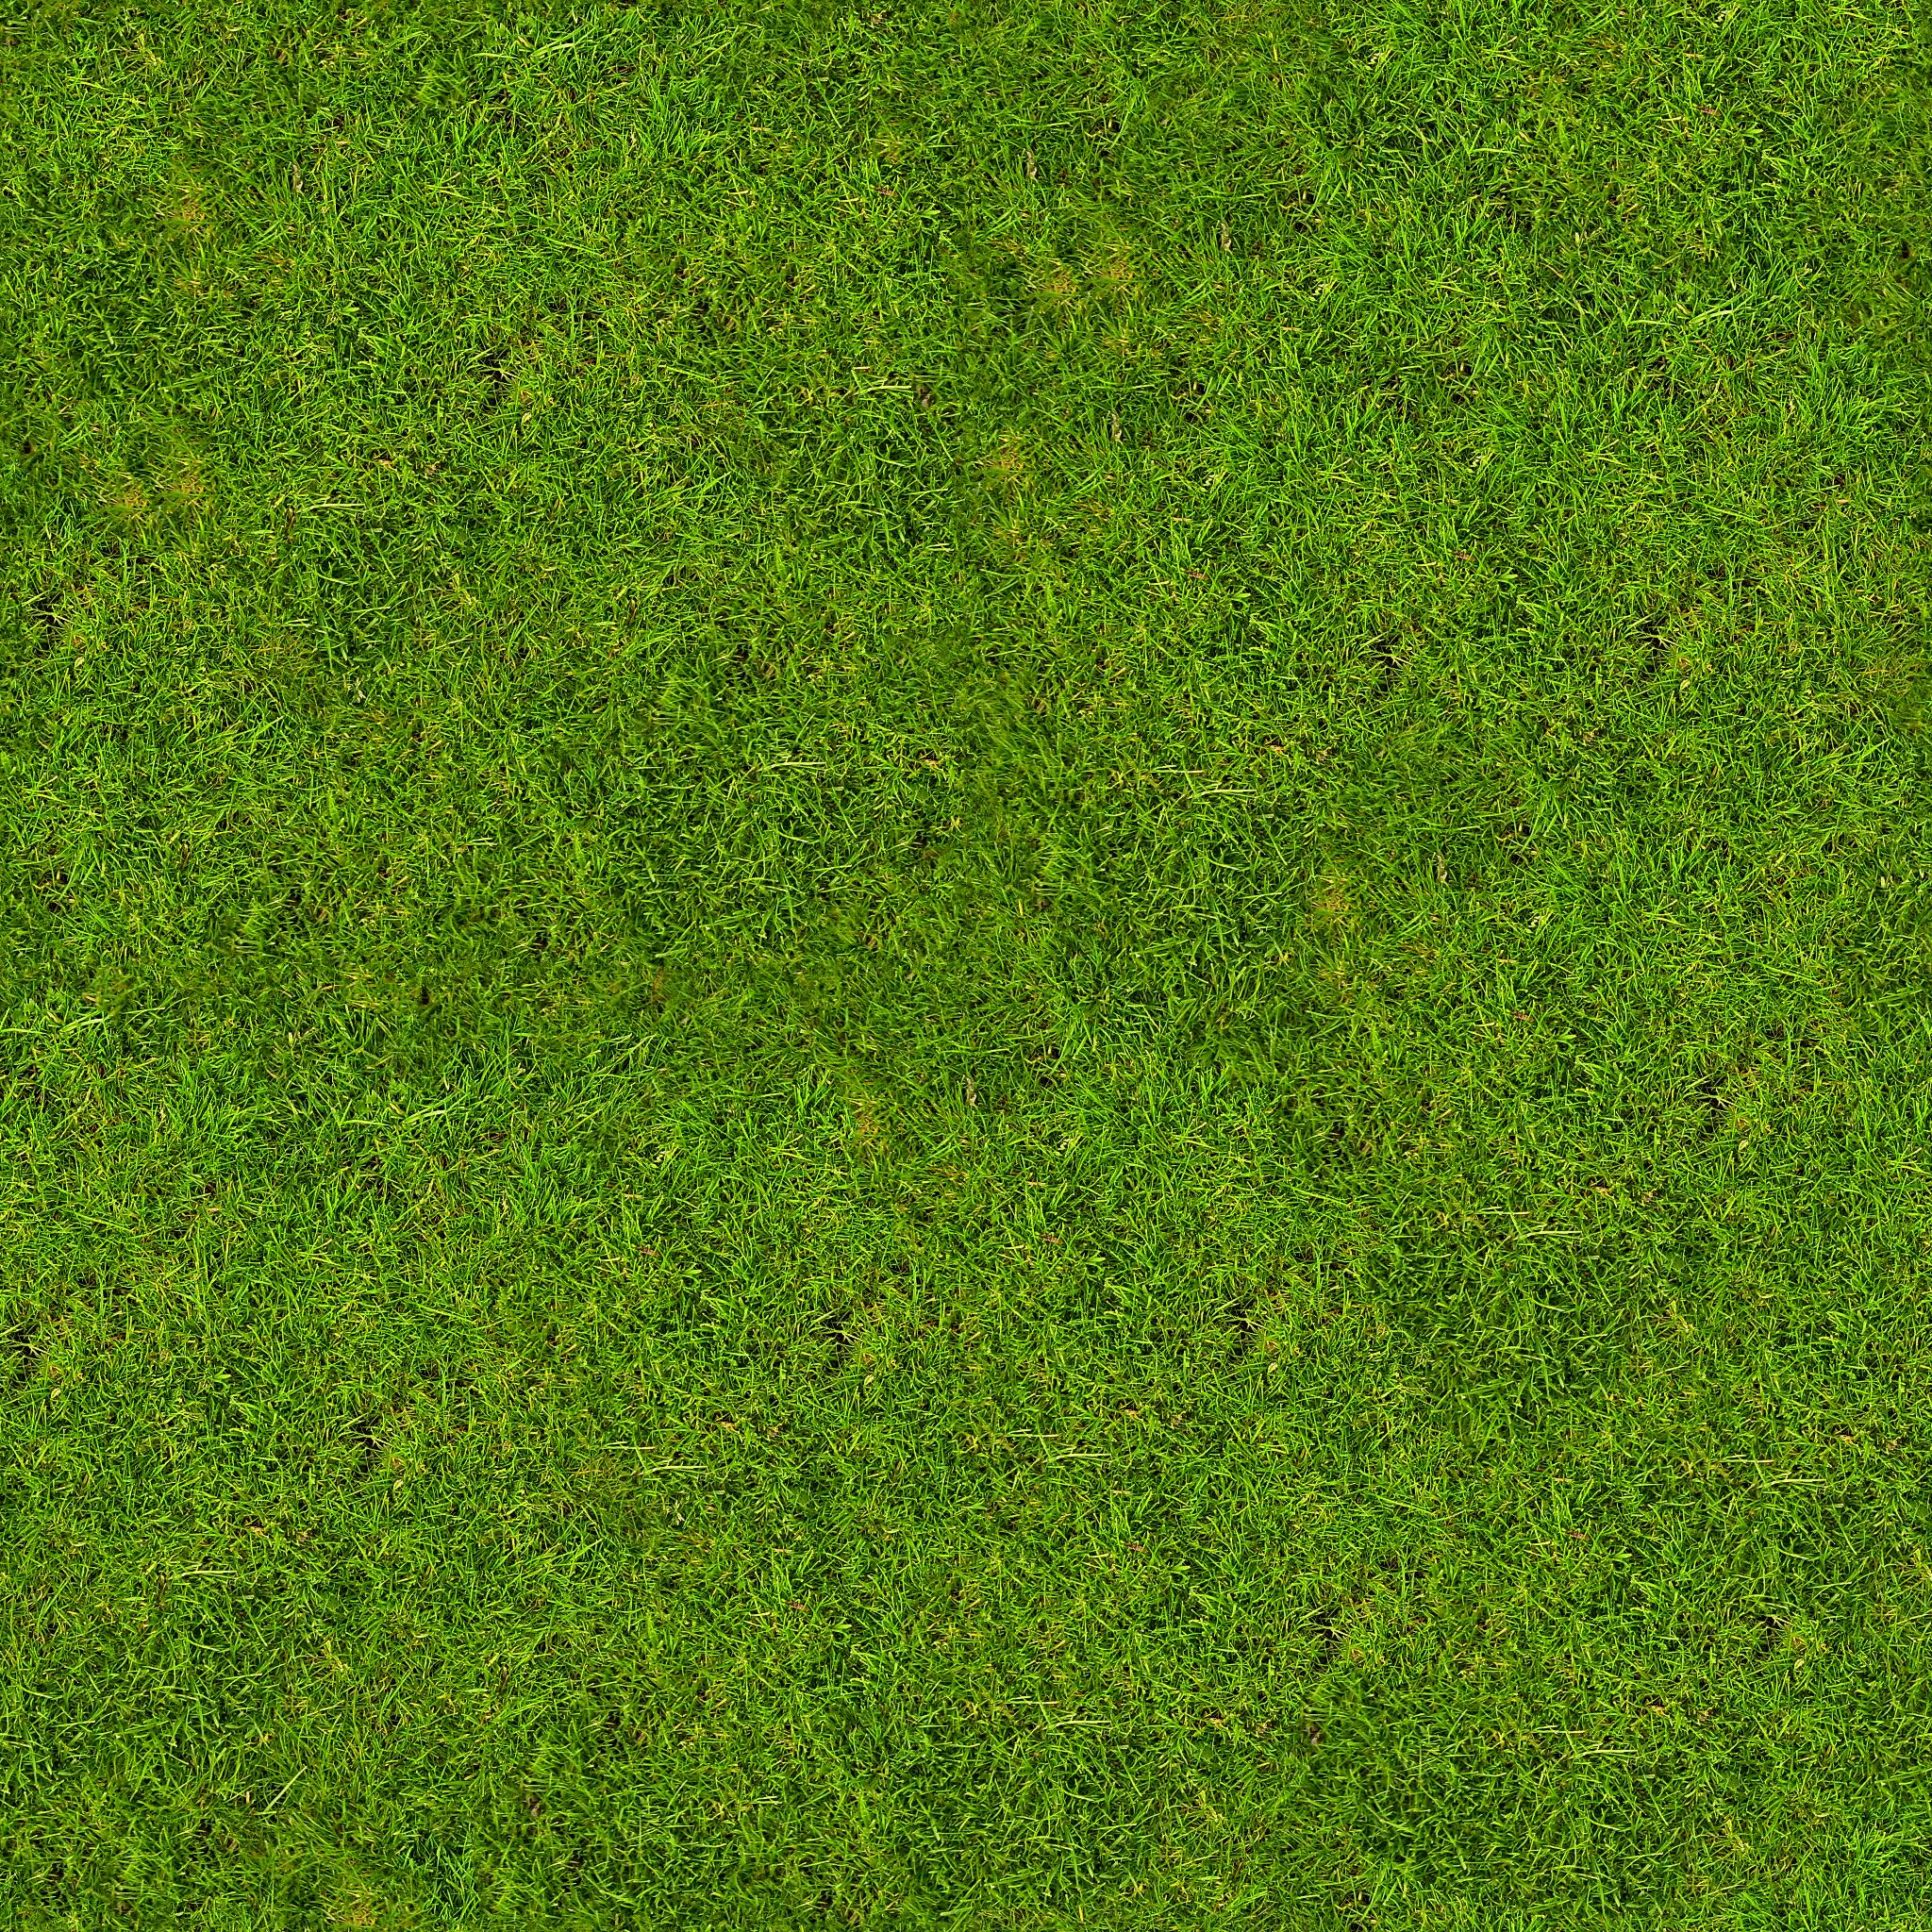 Dark Grass Grasslight Big Png Grass Textures Grass Background Images Wallpapers